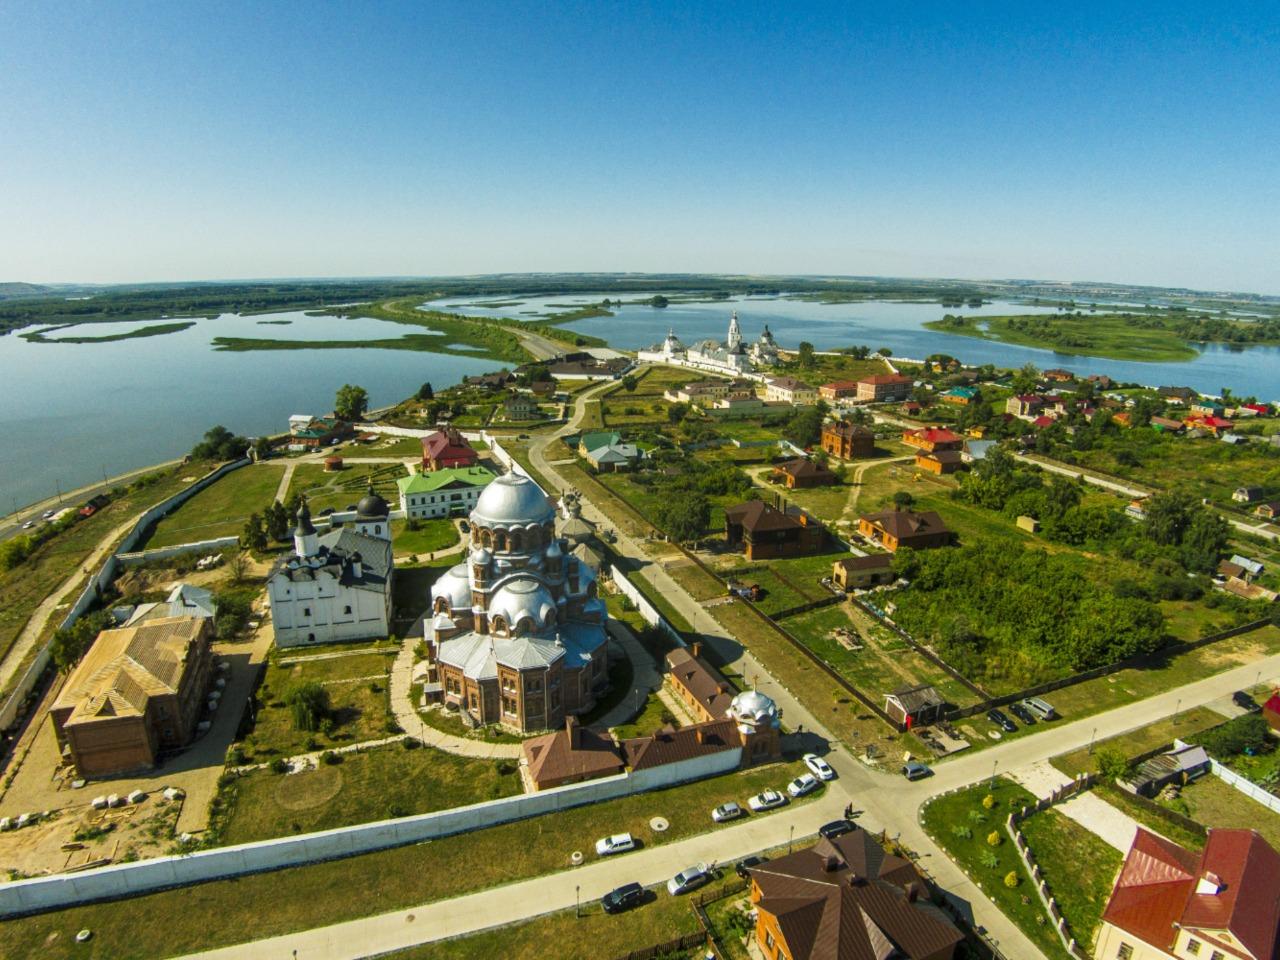 Сказочный остров-град Свияжск + Иннополис - индивидуальная экскурсия в Казани от опытного гида